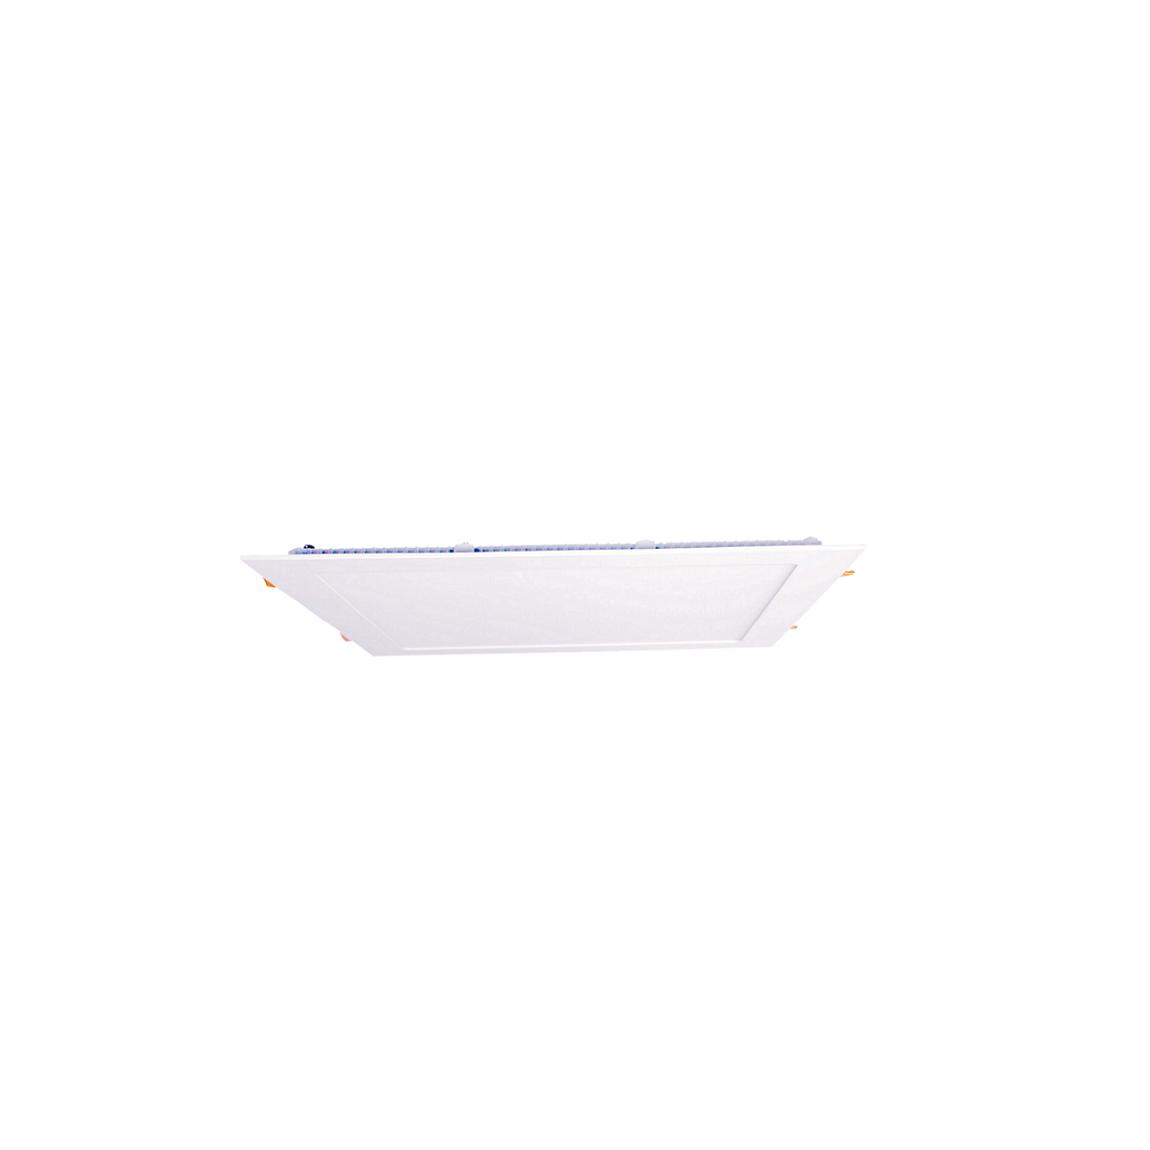 LW-SAAKP06 - 6 Watt Sıva Altı Kare LED Panel Armatür